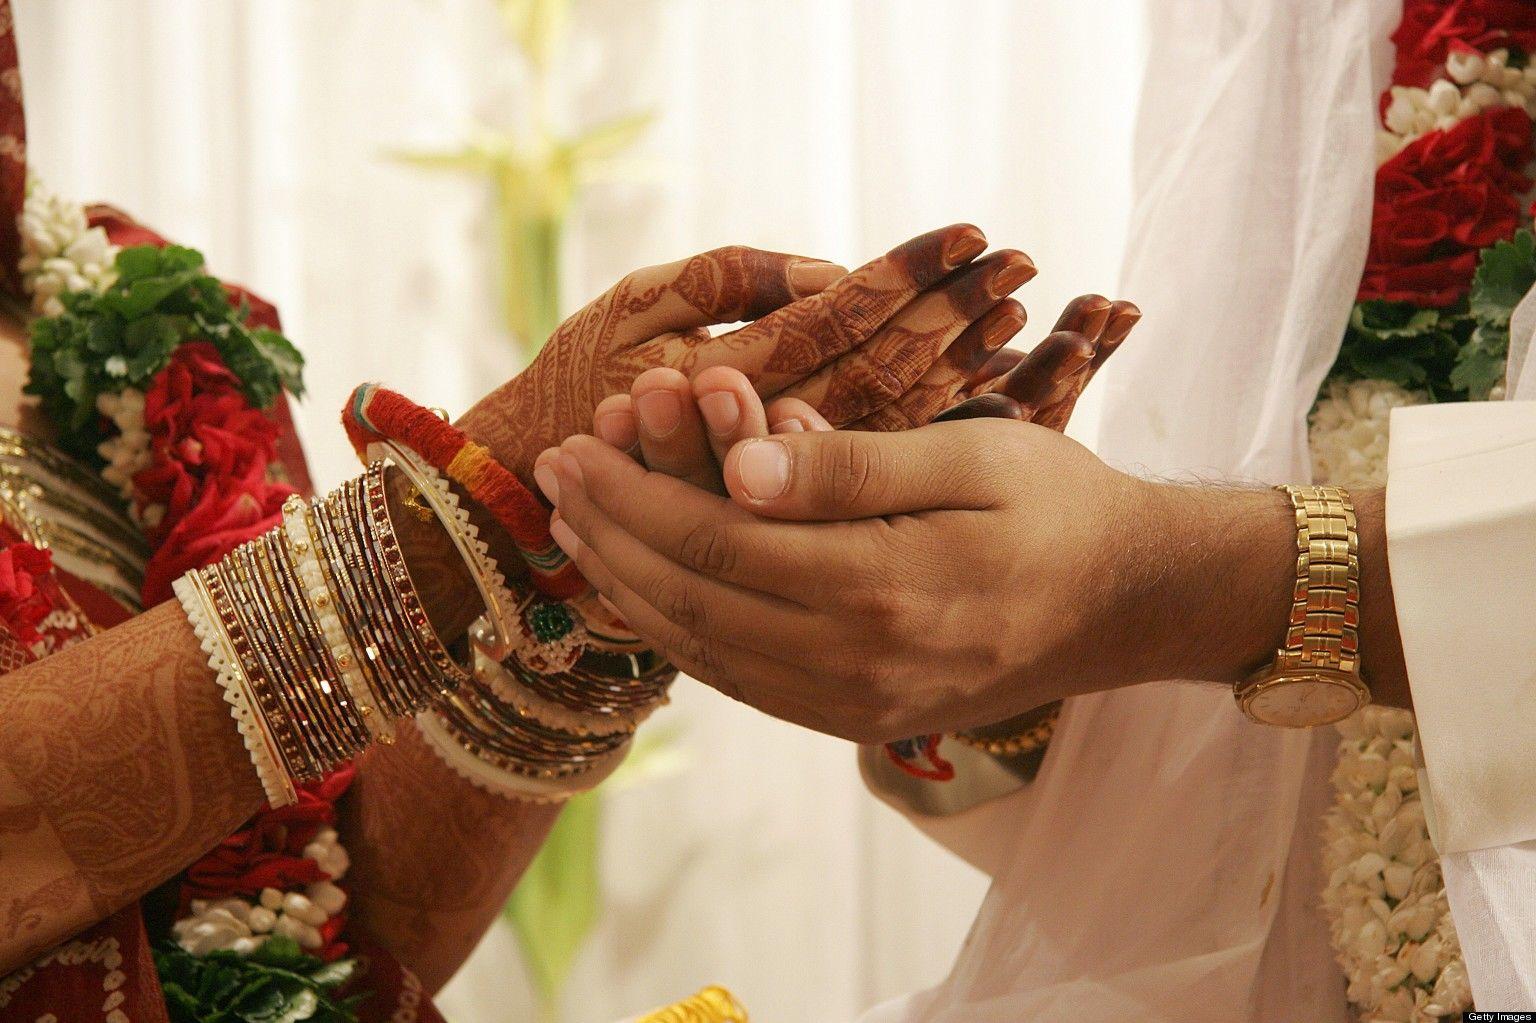 एक से ज्यादा बीवियां रखने में मुस्लिमों के मुक़ाबले हिंदू रहे हैं आगे